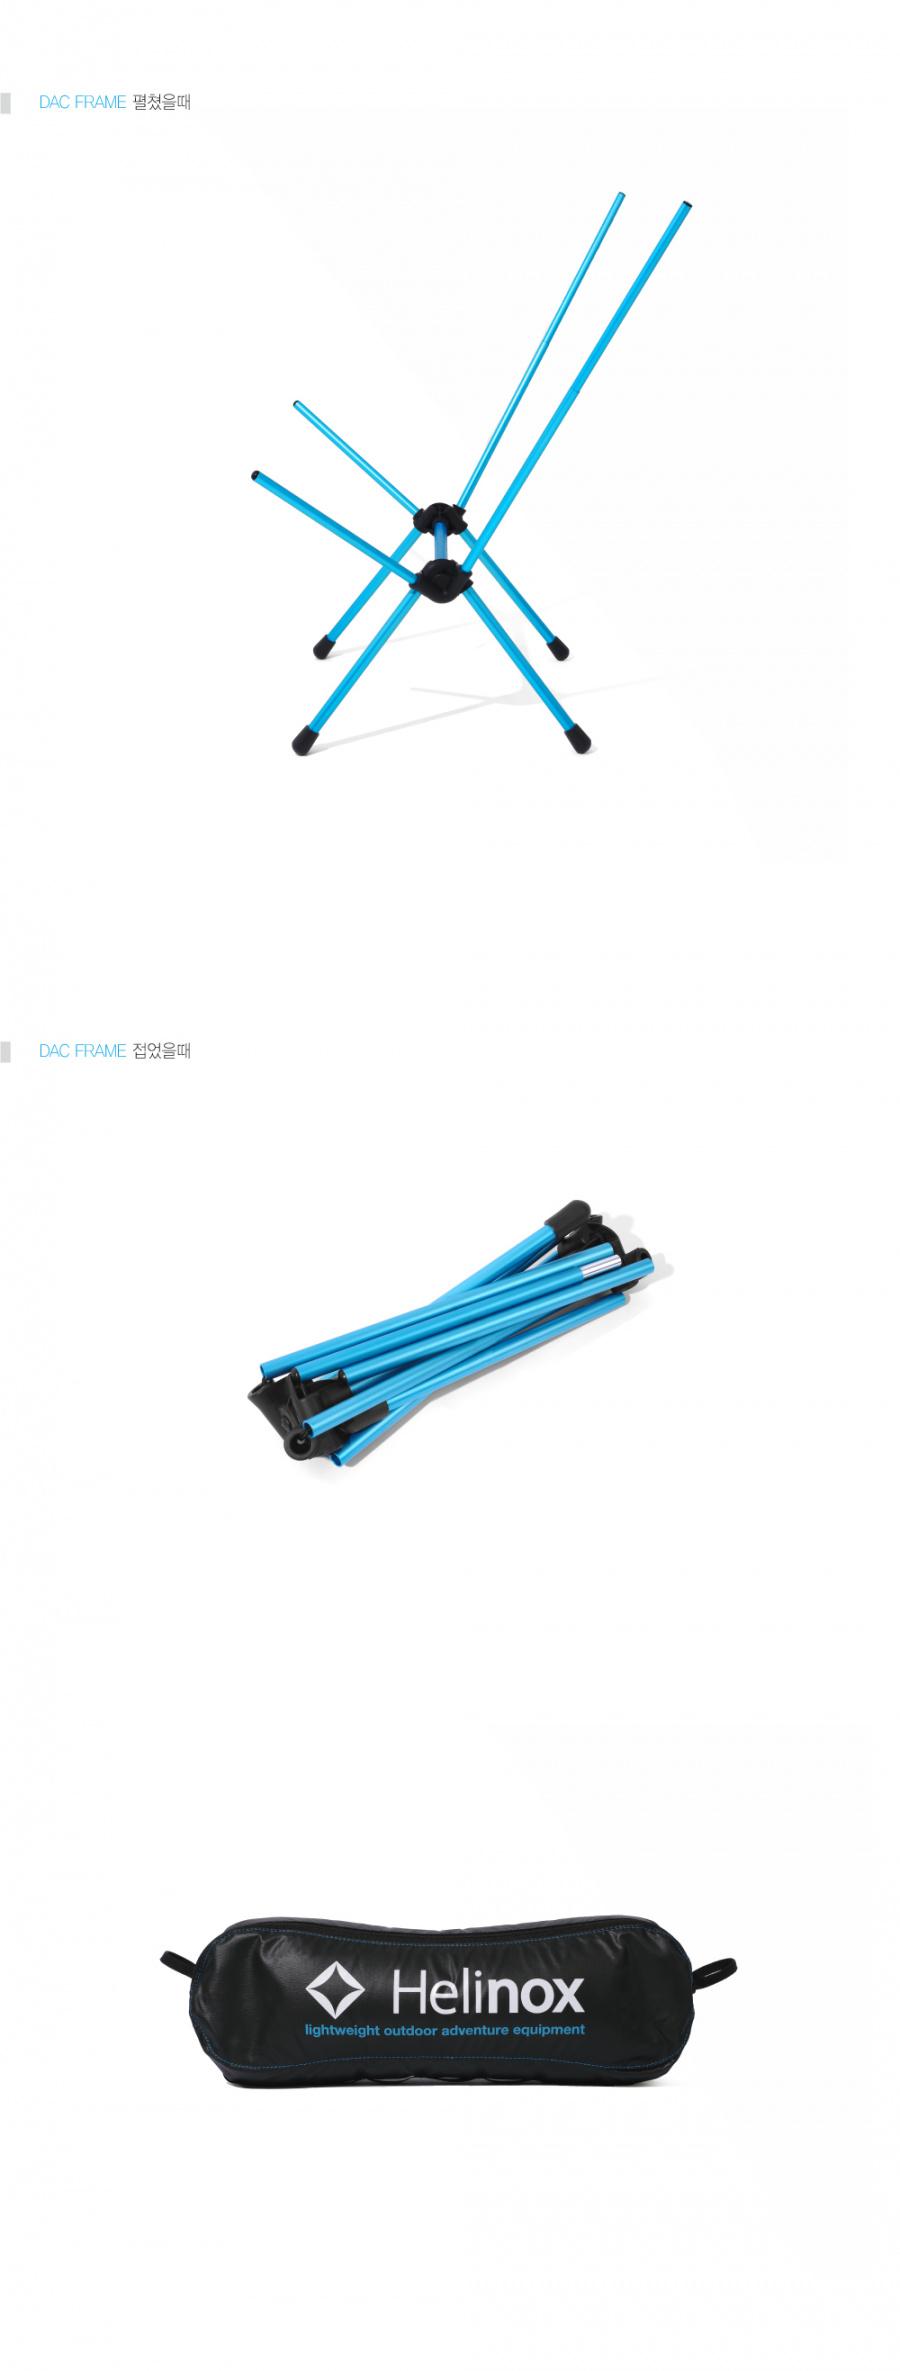 헬리녹스(HELINOX) 체어 원 엑스라지 - 블랙